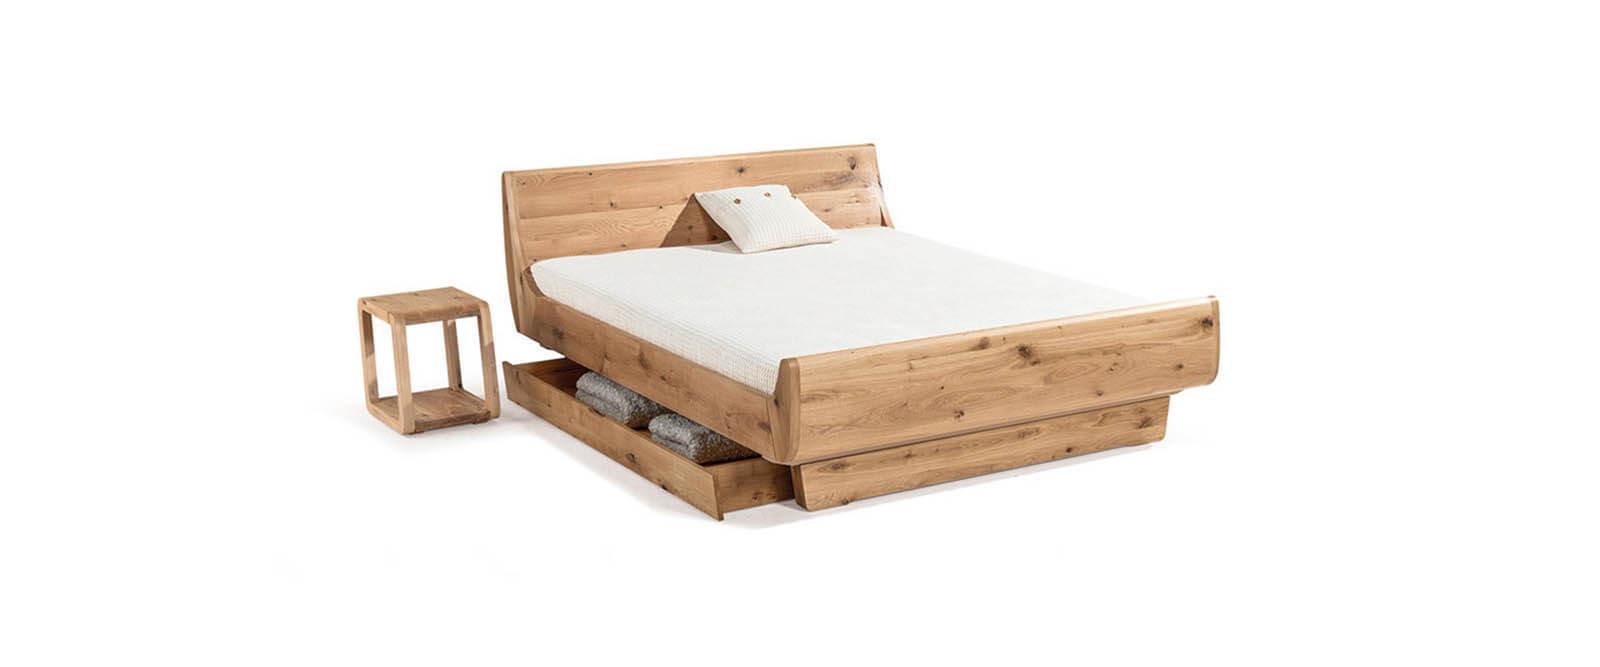 Full Size of Betten Günstig Kaufen Online Und Bestellen Ratenzahlung Alles Zum Schlafen Fenster Ikea 160x200 Schlafzimmer Set Günstige überlänge Hamburg Hülsta Tempur Bett Betten Günstig Kaufen